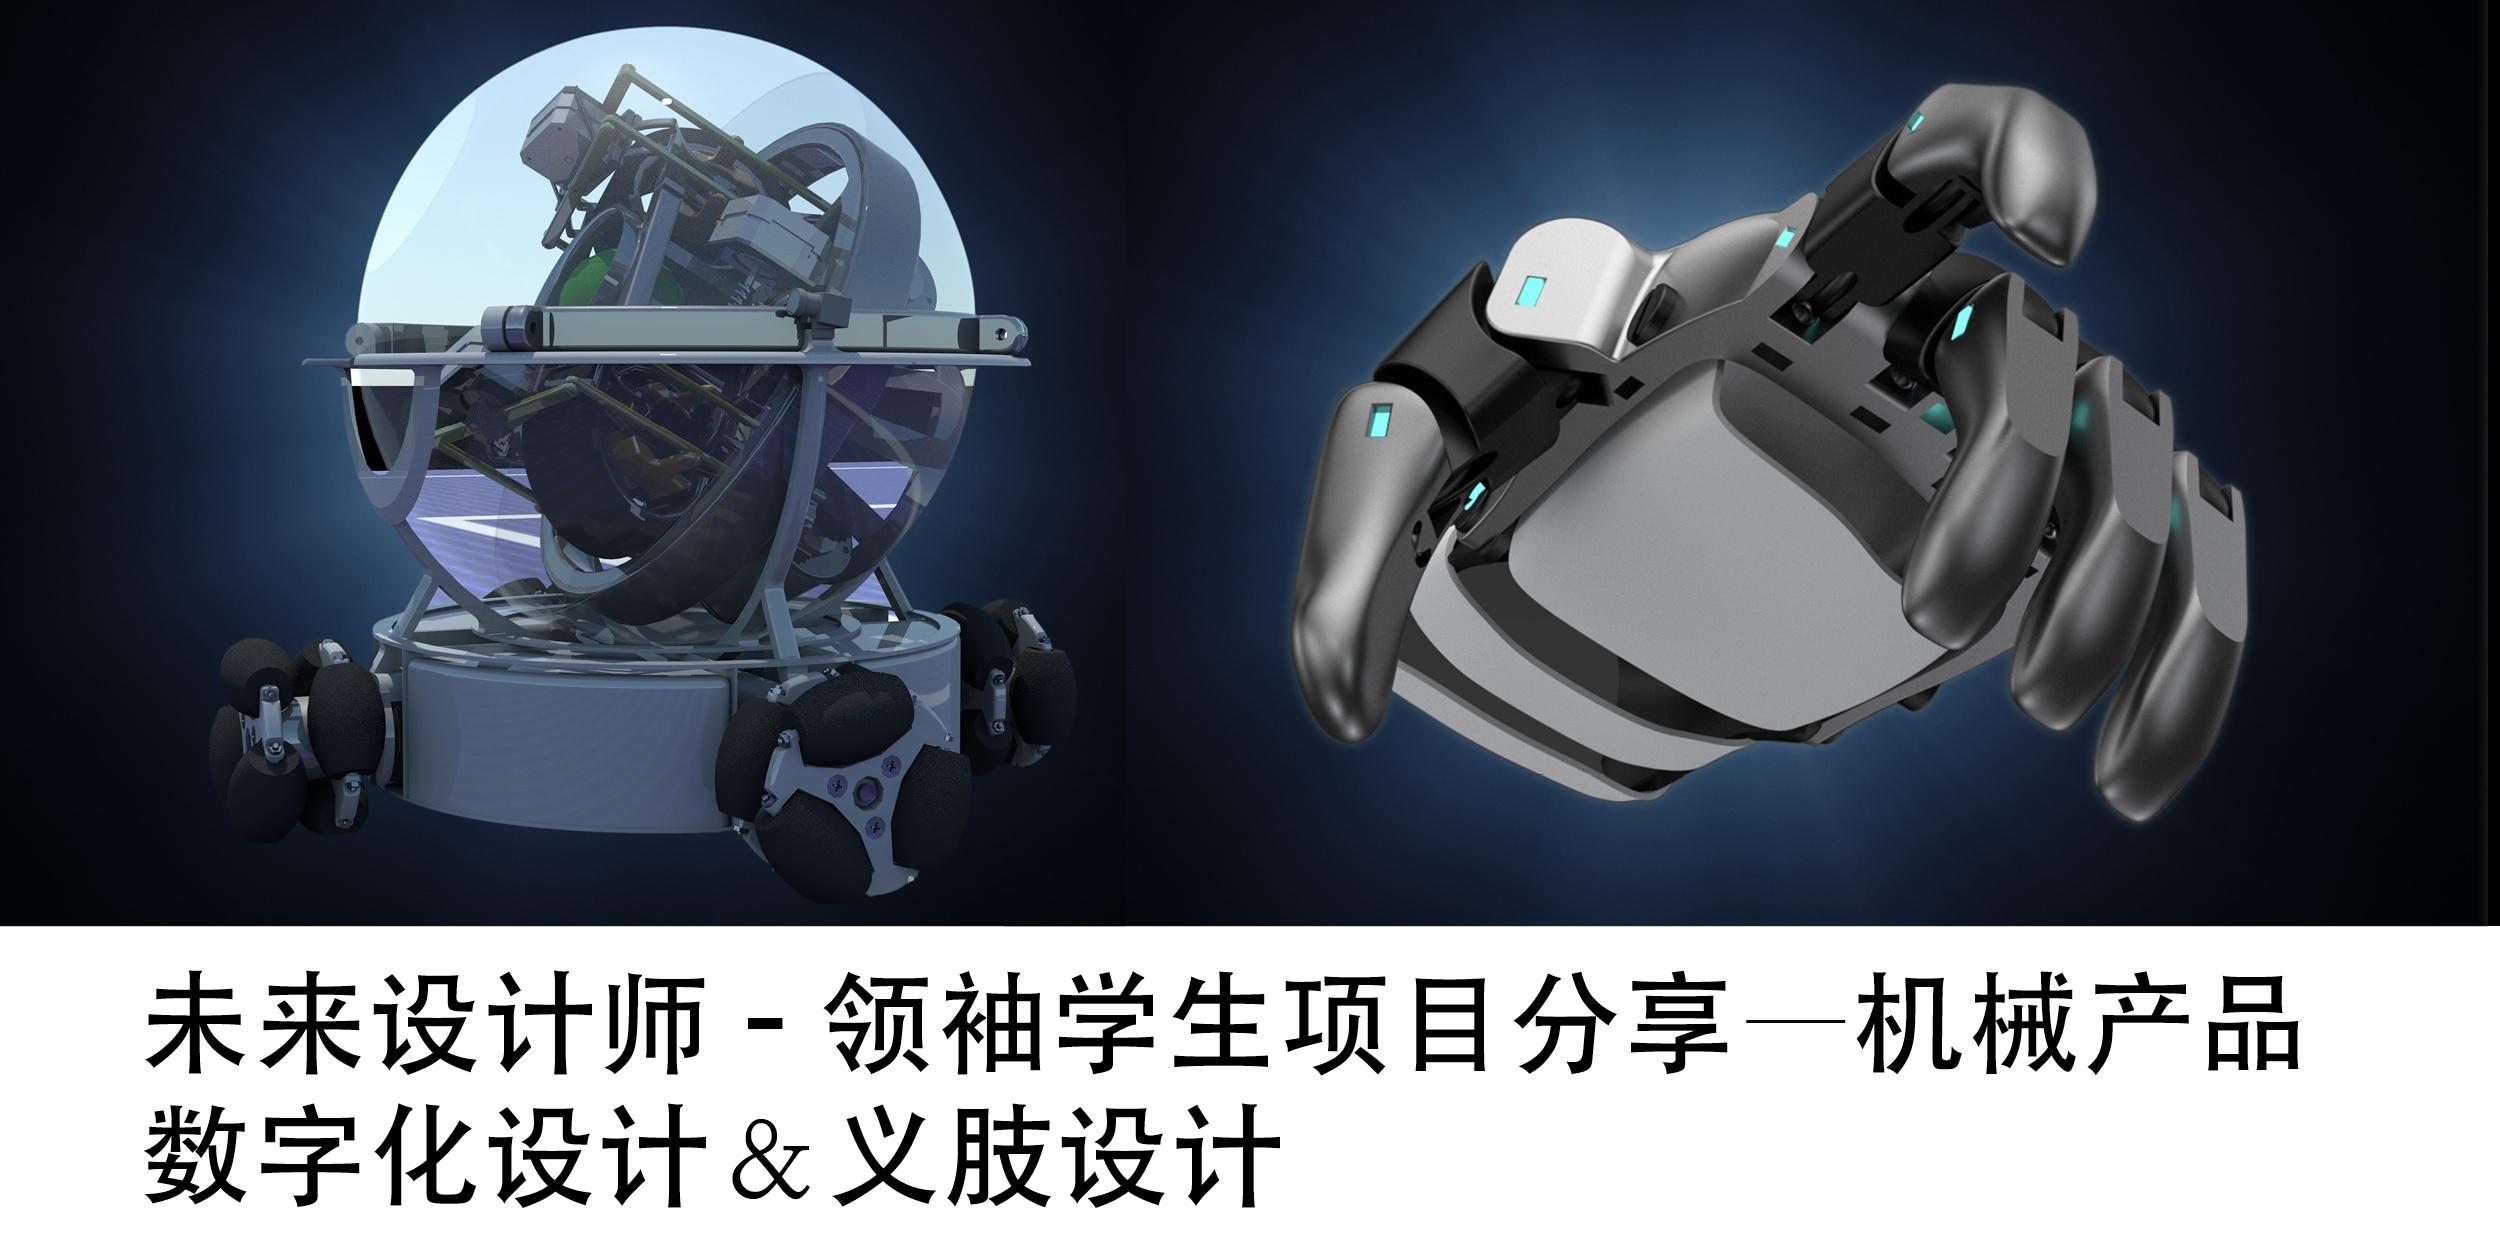 未来设计师-领袖学生项目分享—机械产品数字化设计&义肢设计